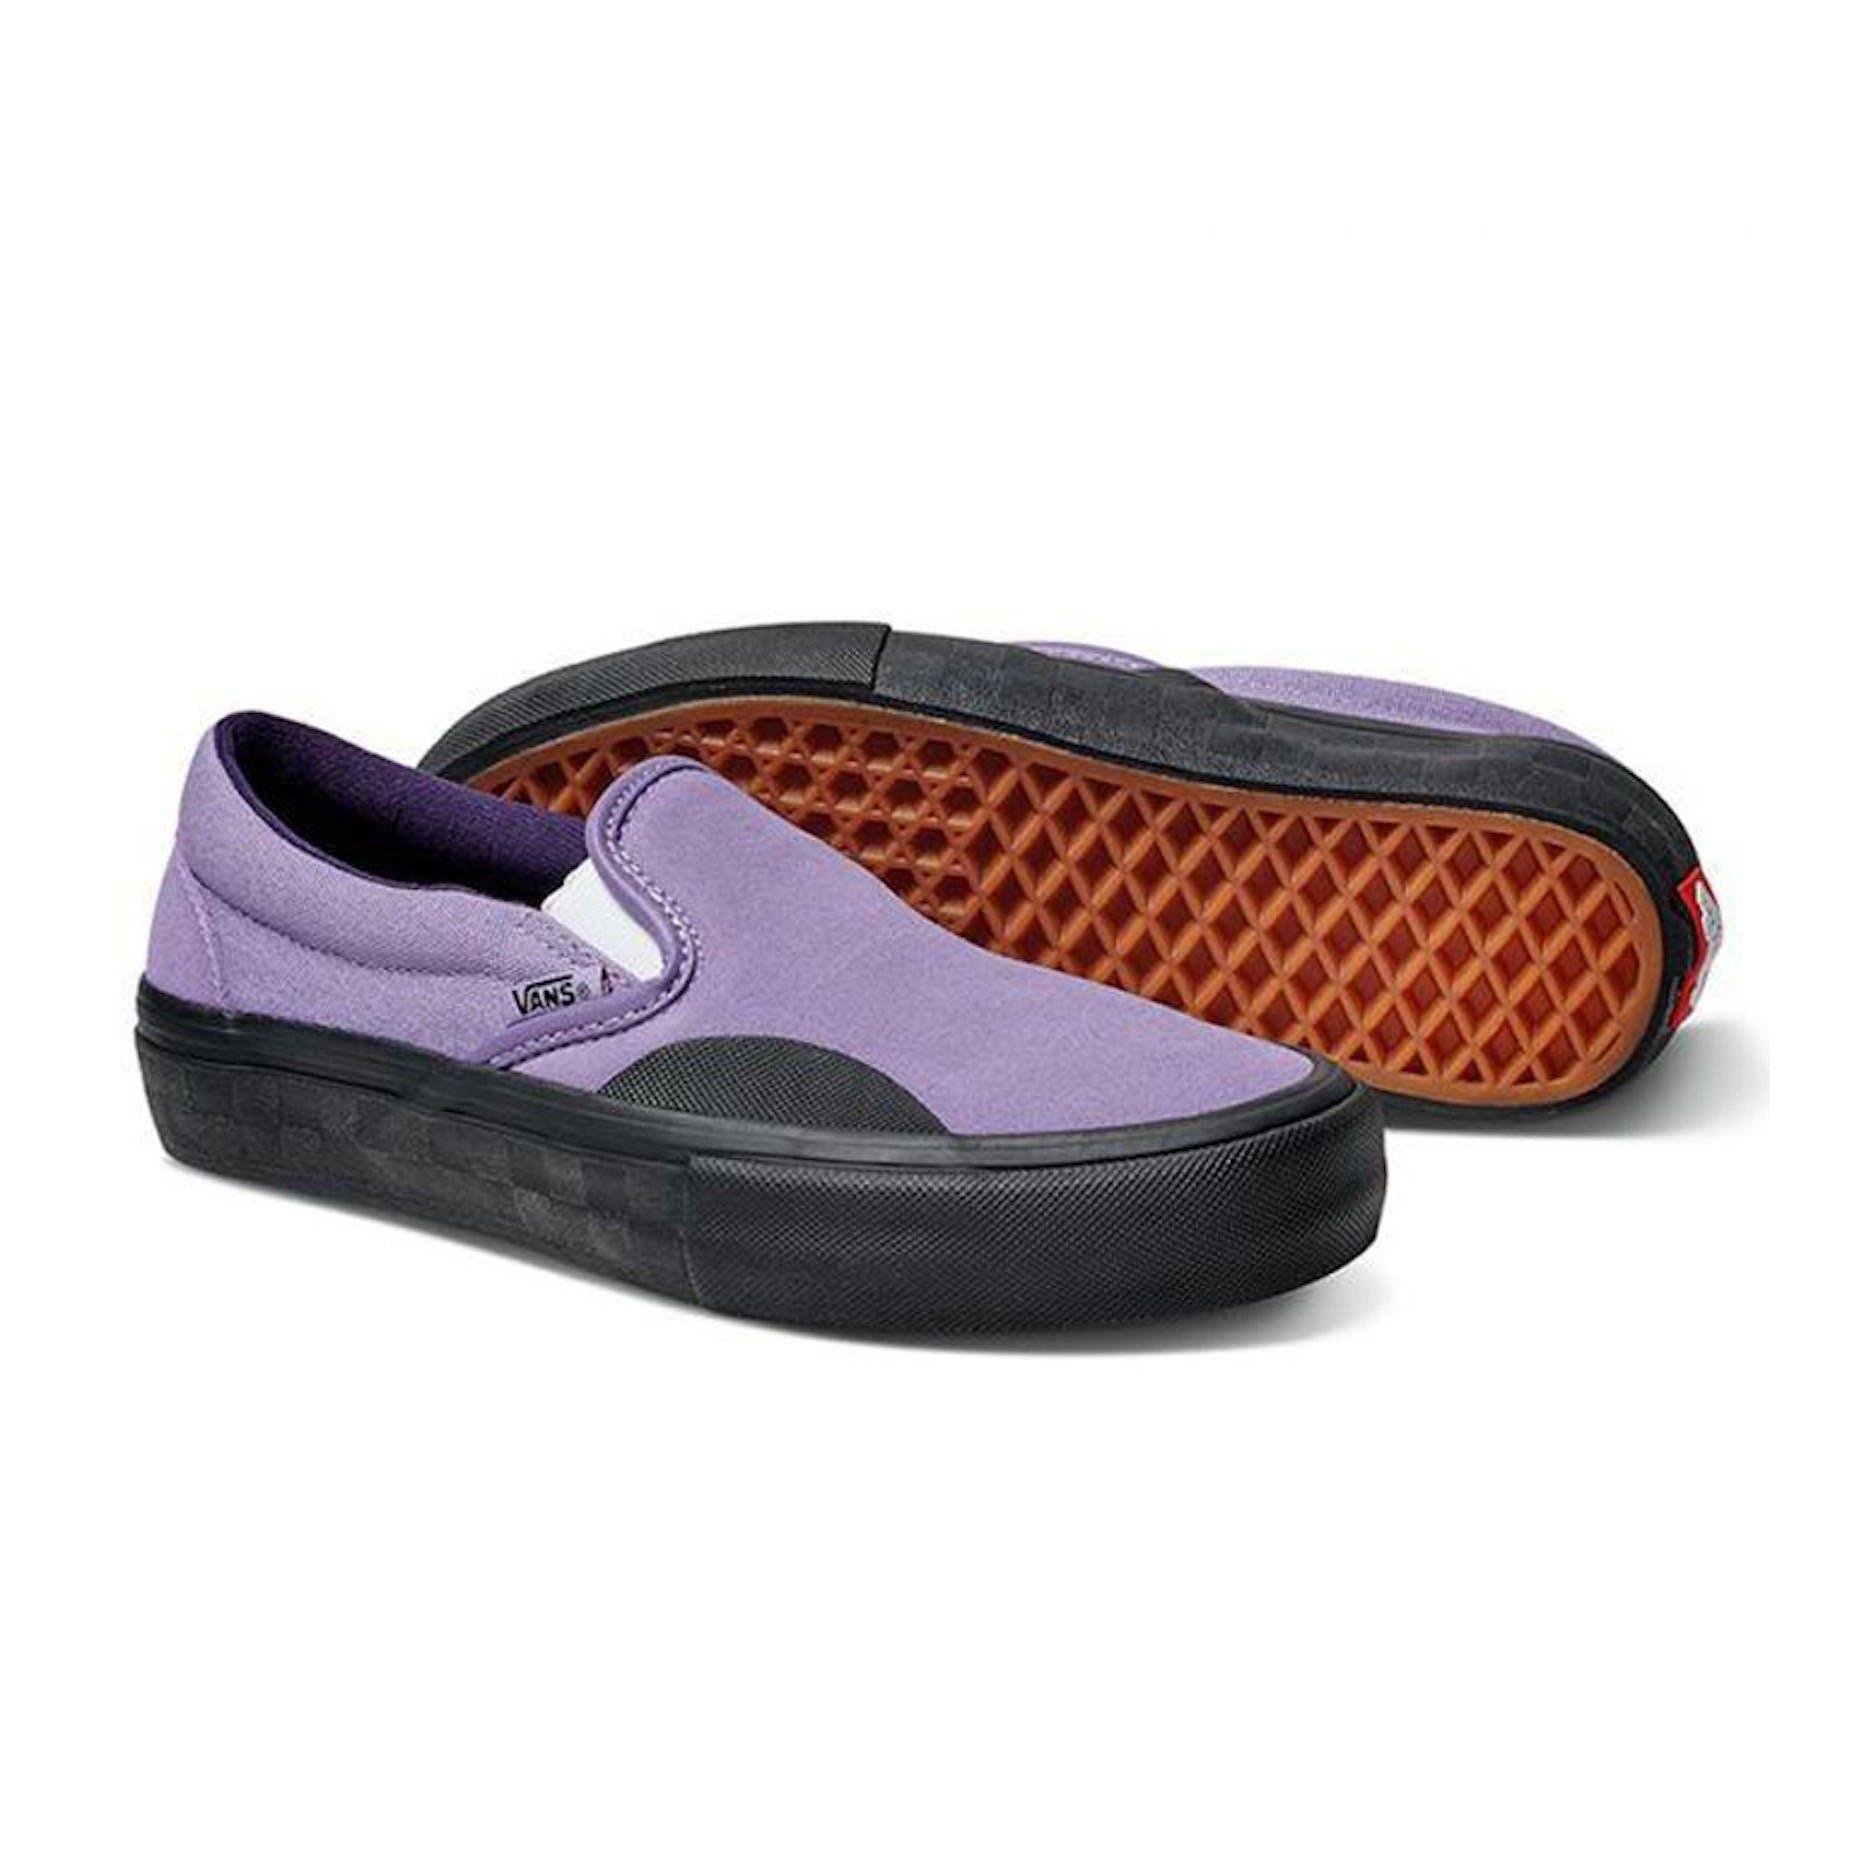 Retirado Actuación Ya que  Vans Slip On Pro Skate Shoe - Lizzie Armanto | BOARDWORLD Store